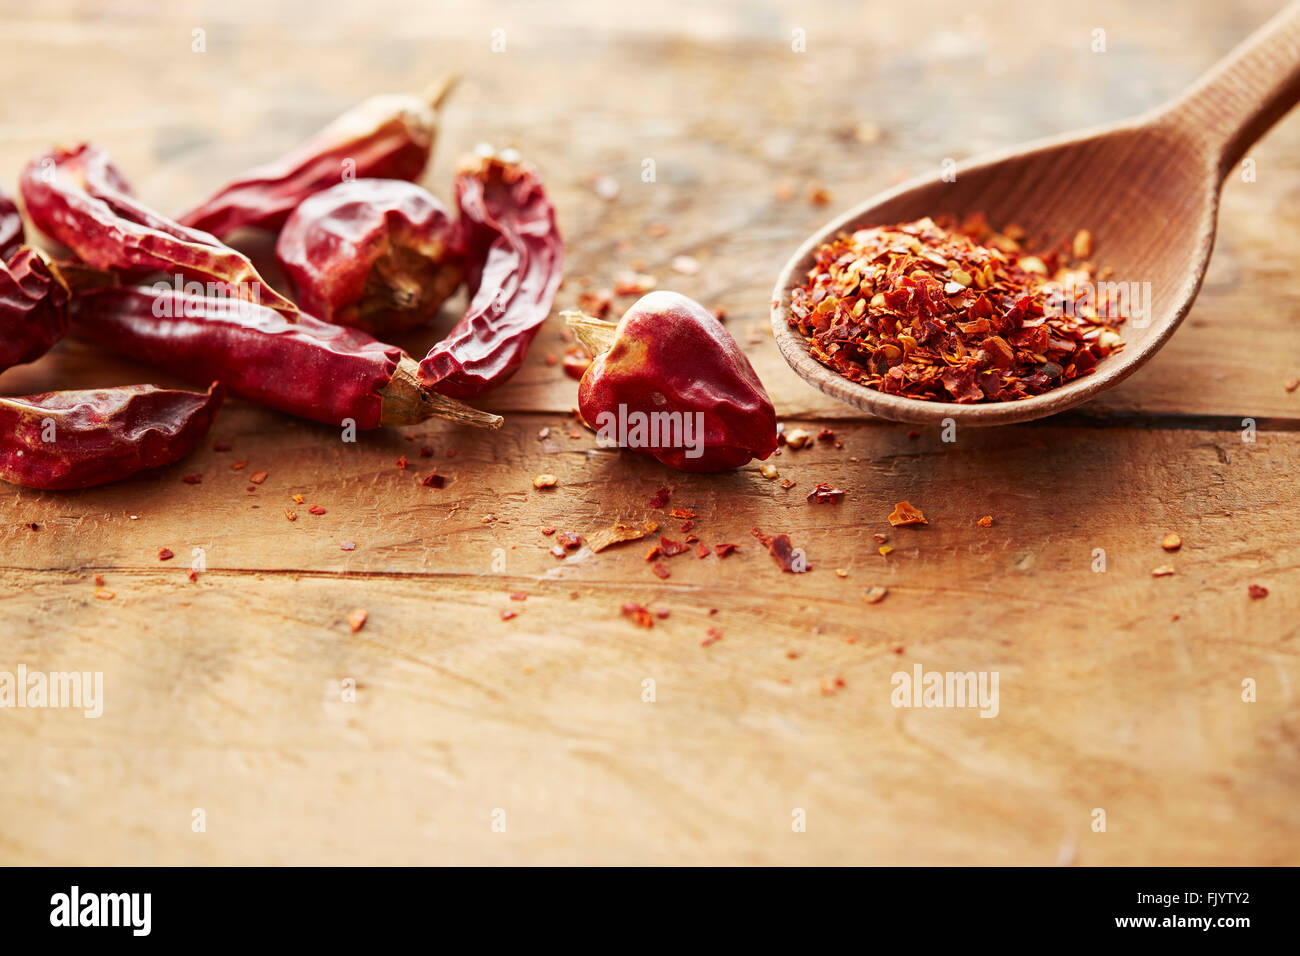 Cuillère en bois avec des flocons de piment rouge et poivrons rouges entiers Photo Stock